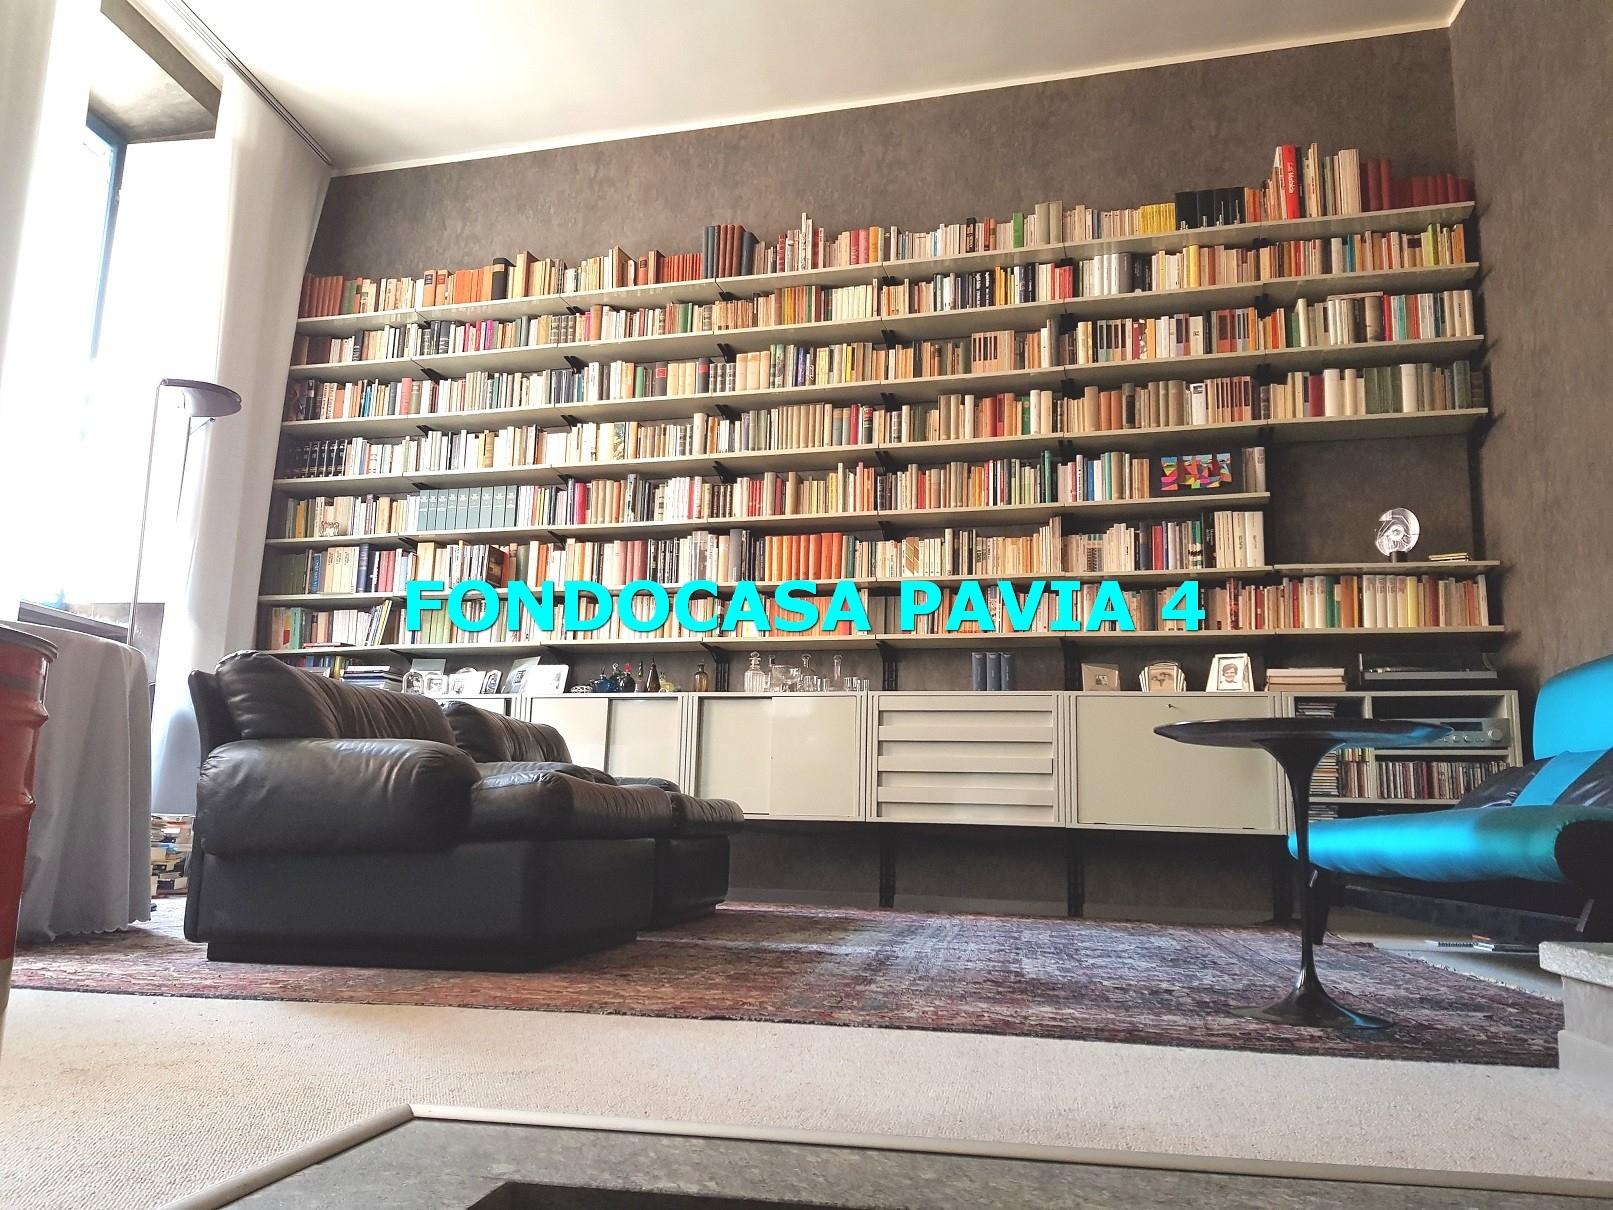 Ufficio Moderno Pavia : Agenzia immobiliare pavia